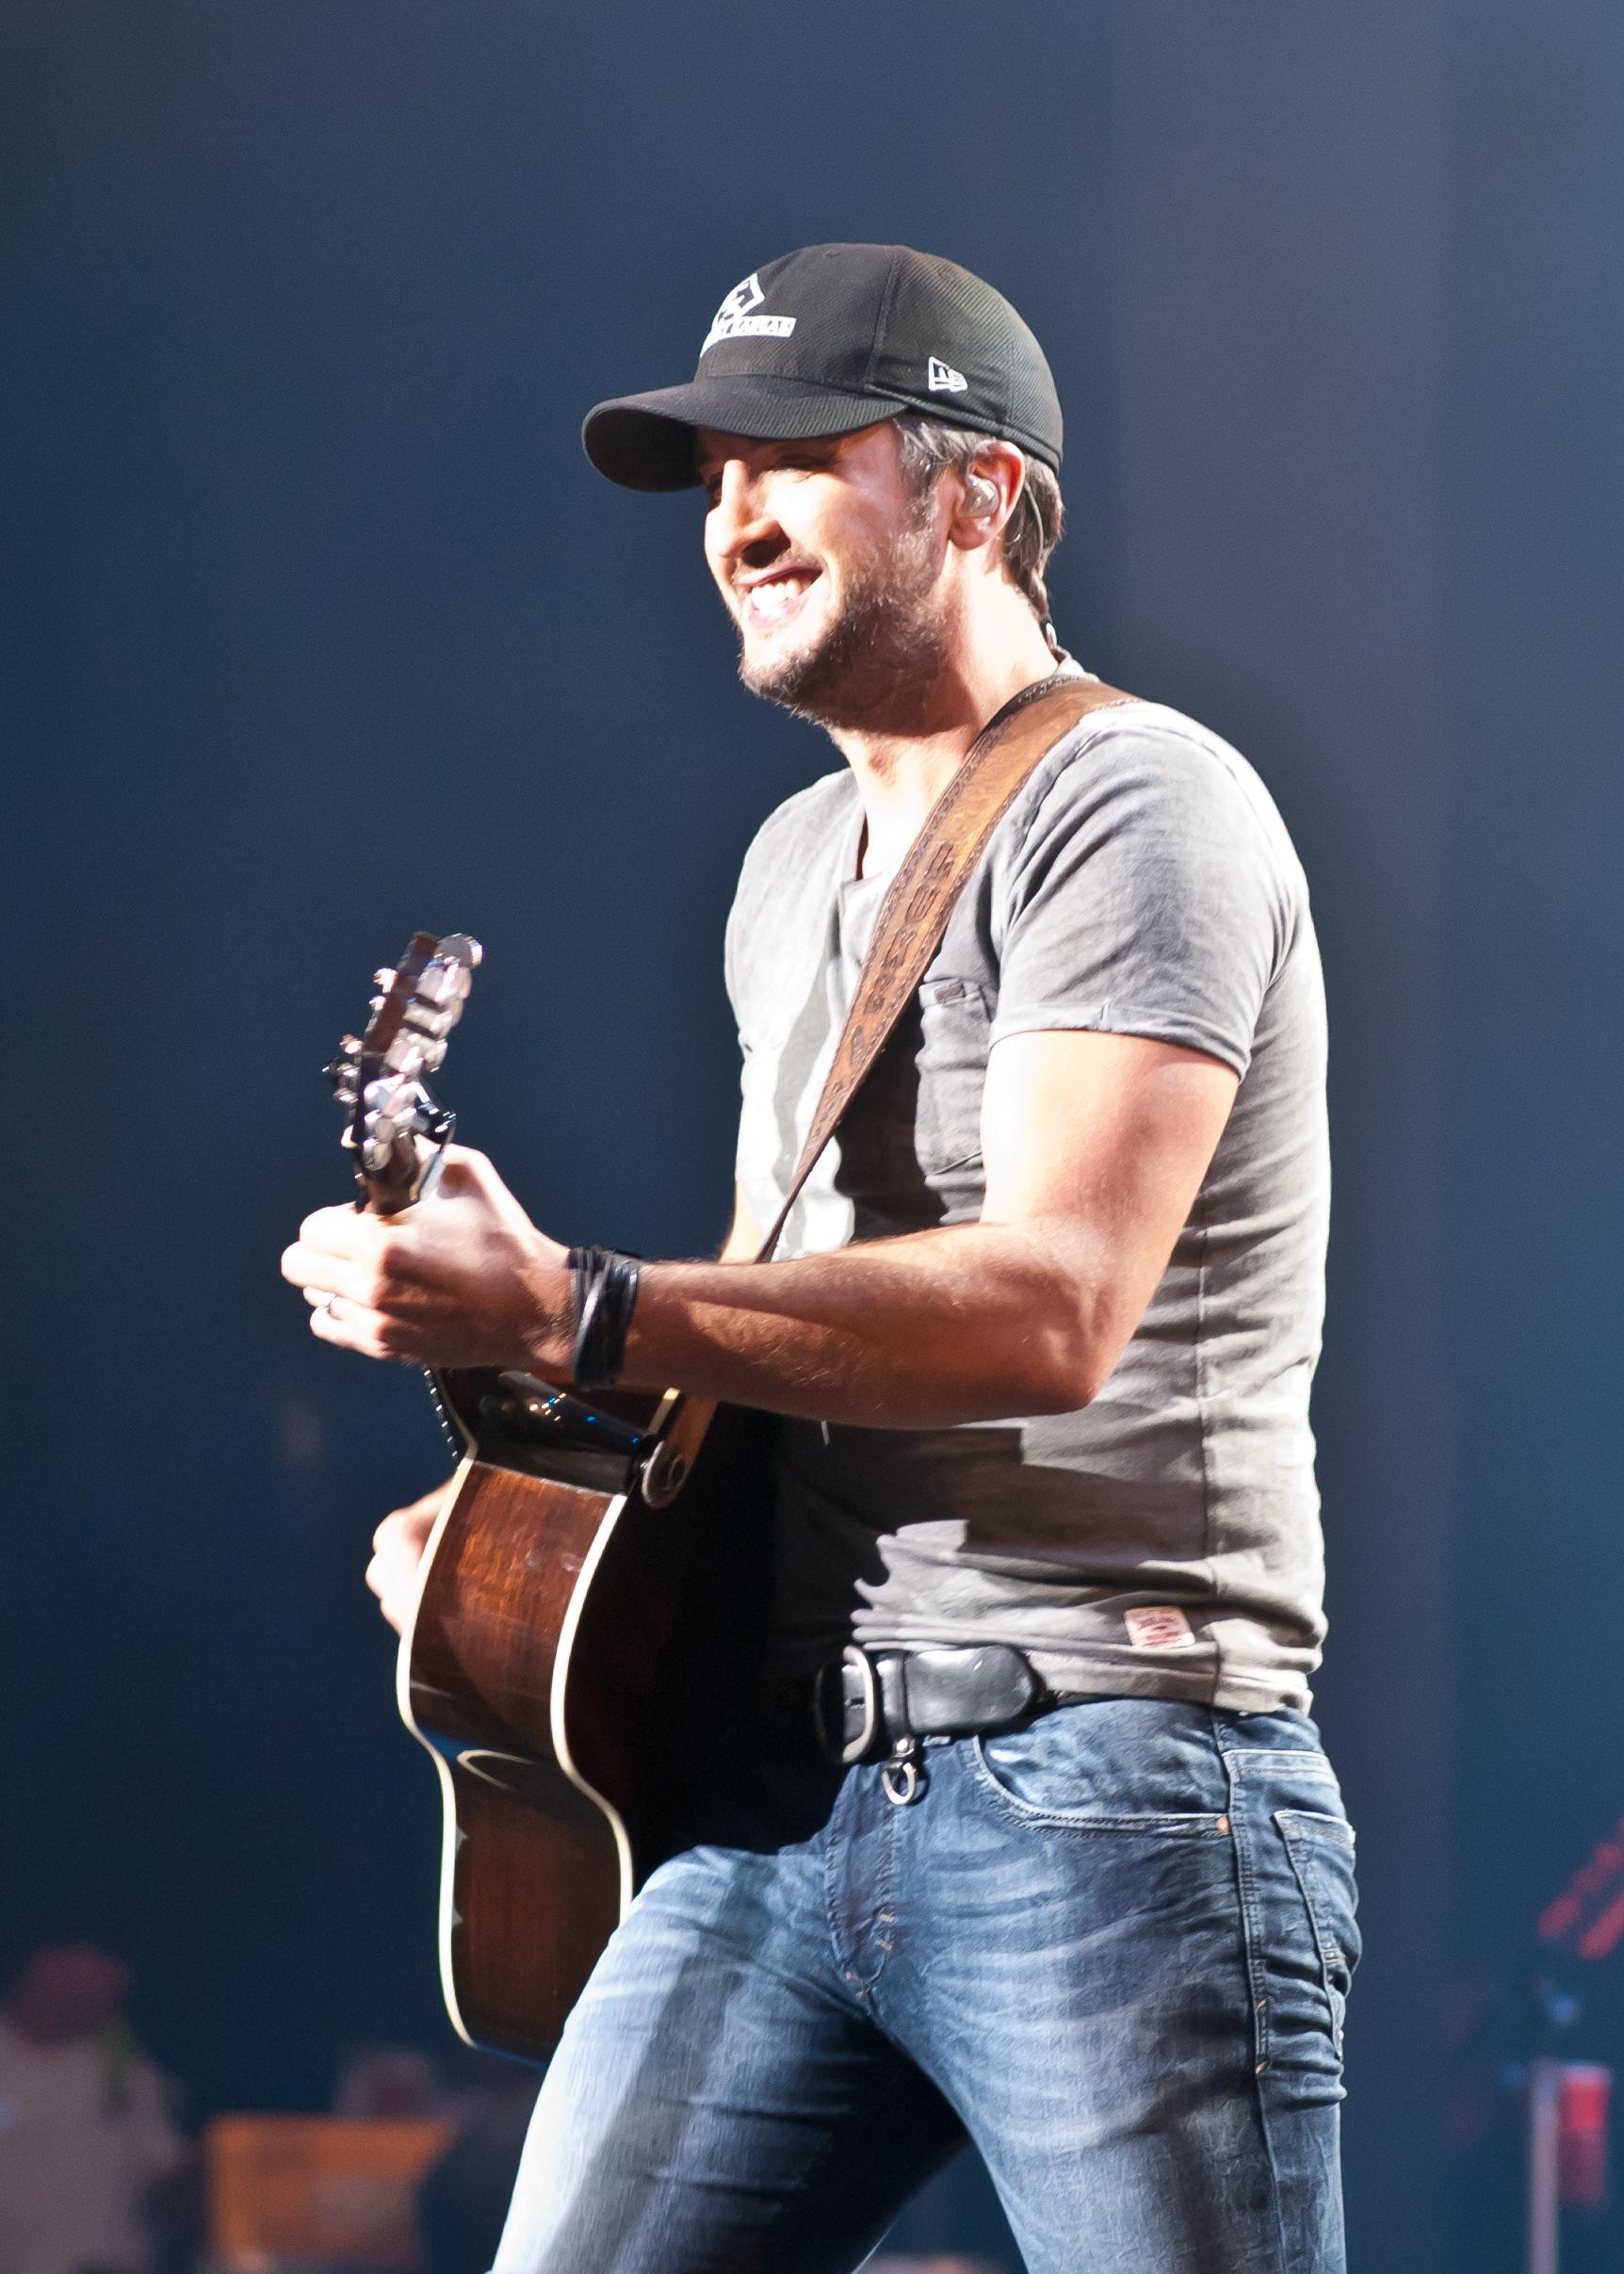 Luke Bryan Singing